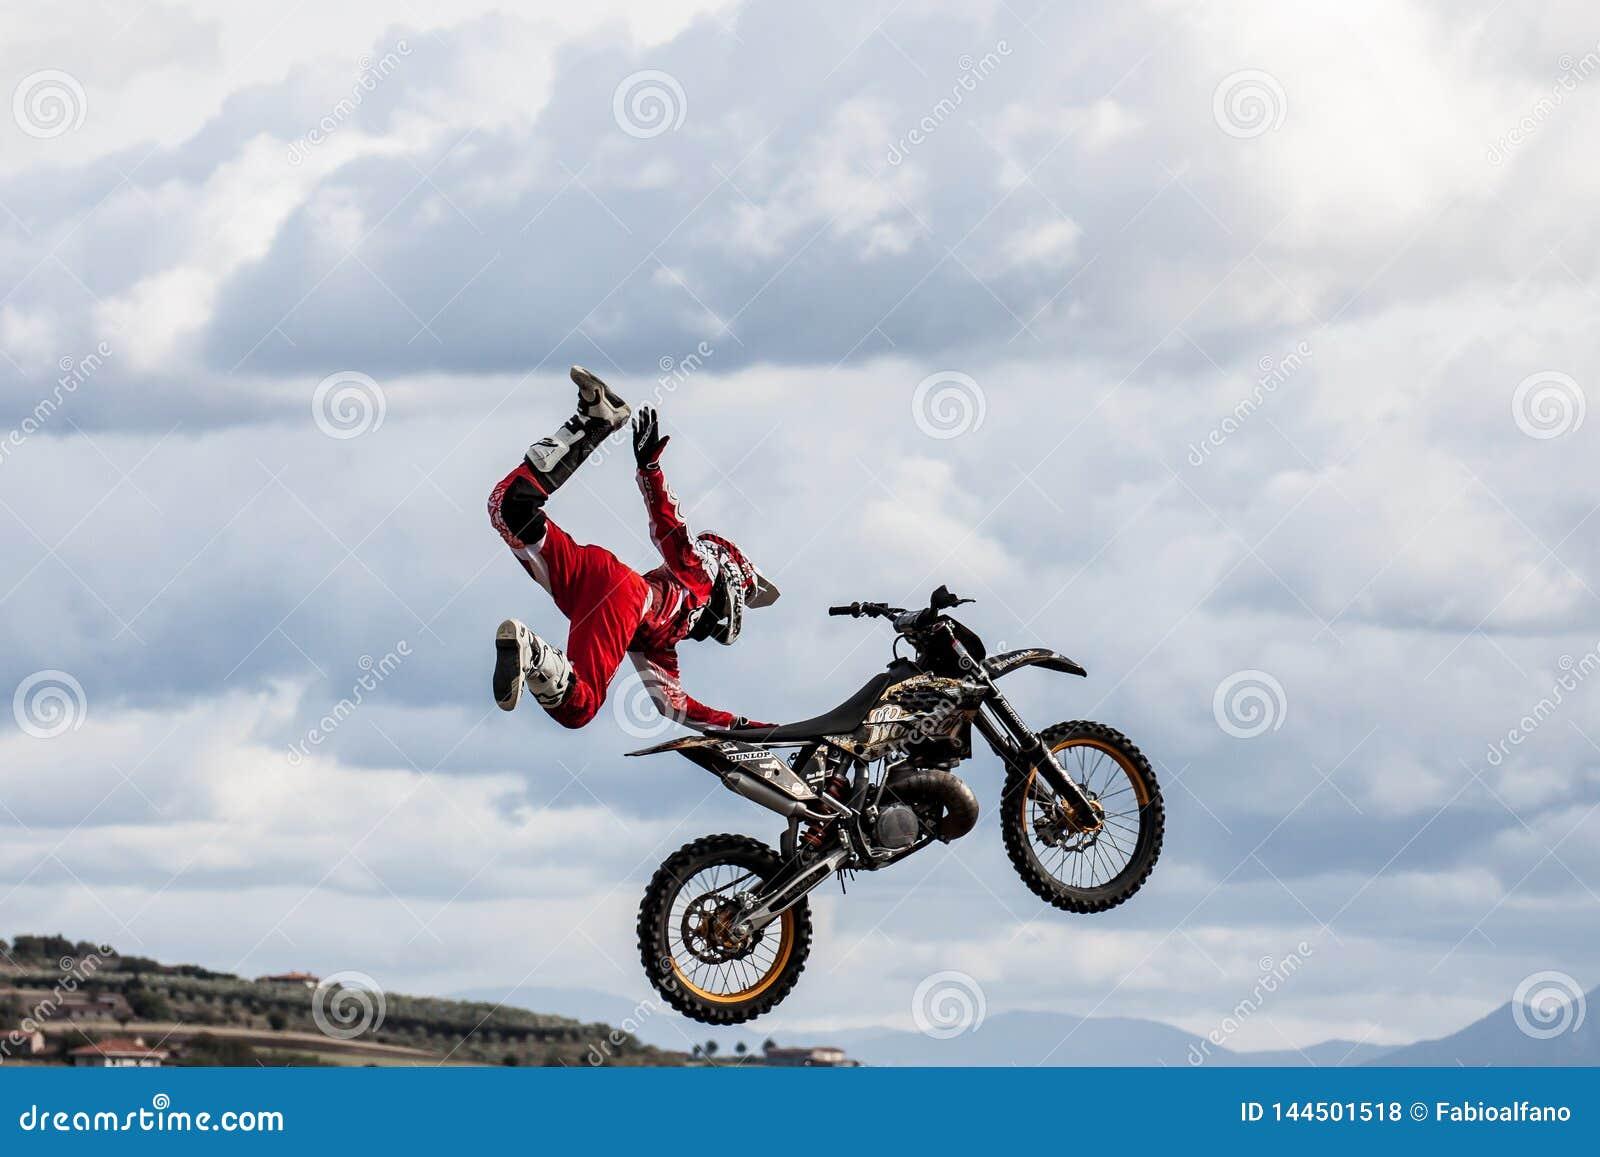 Stylu wolnego motocross przedstawienie